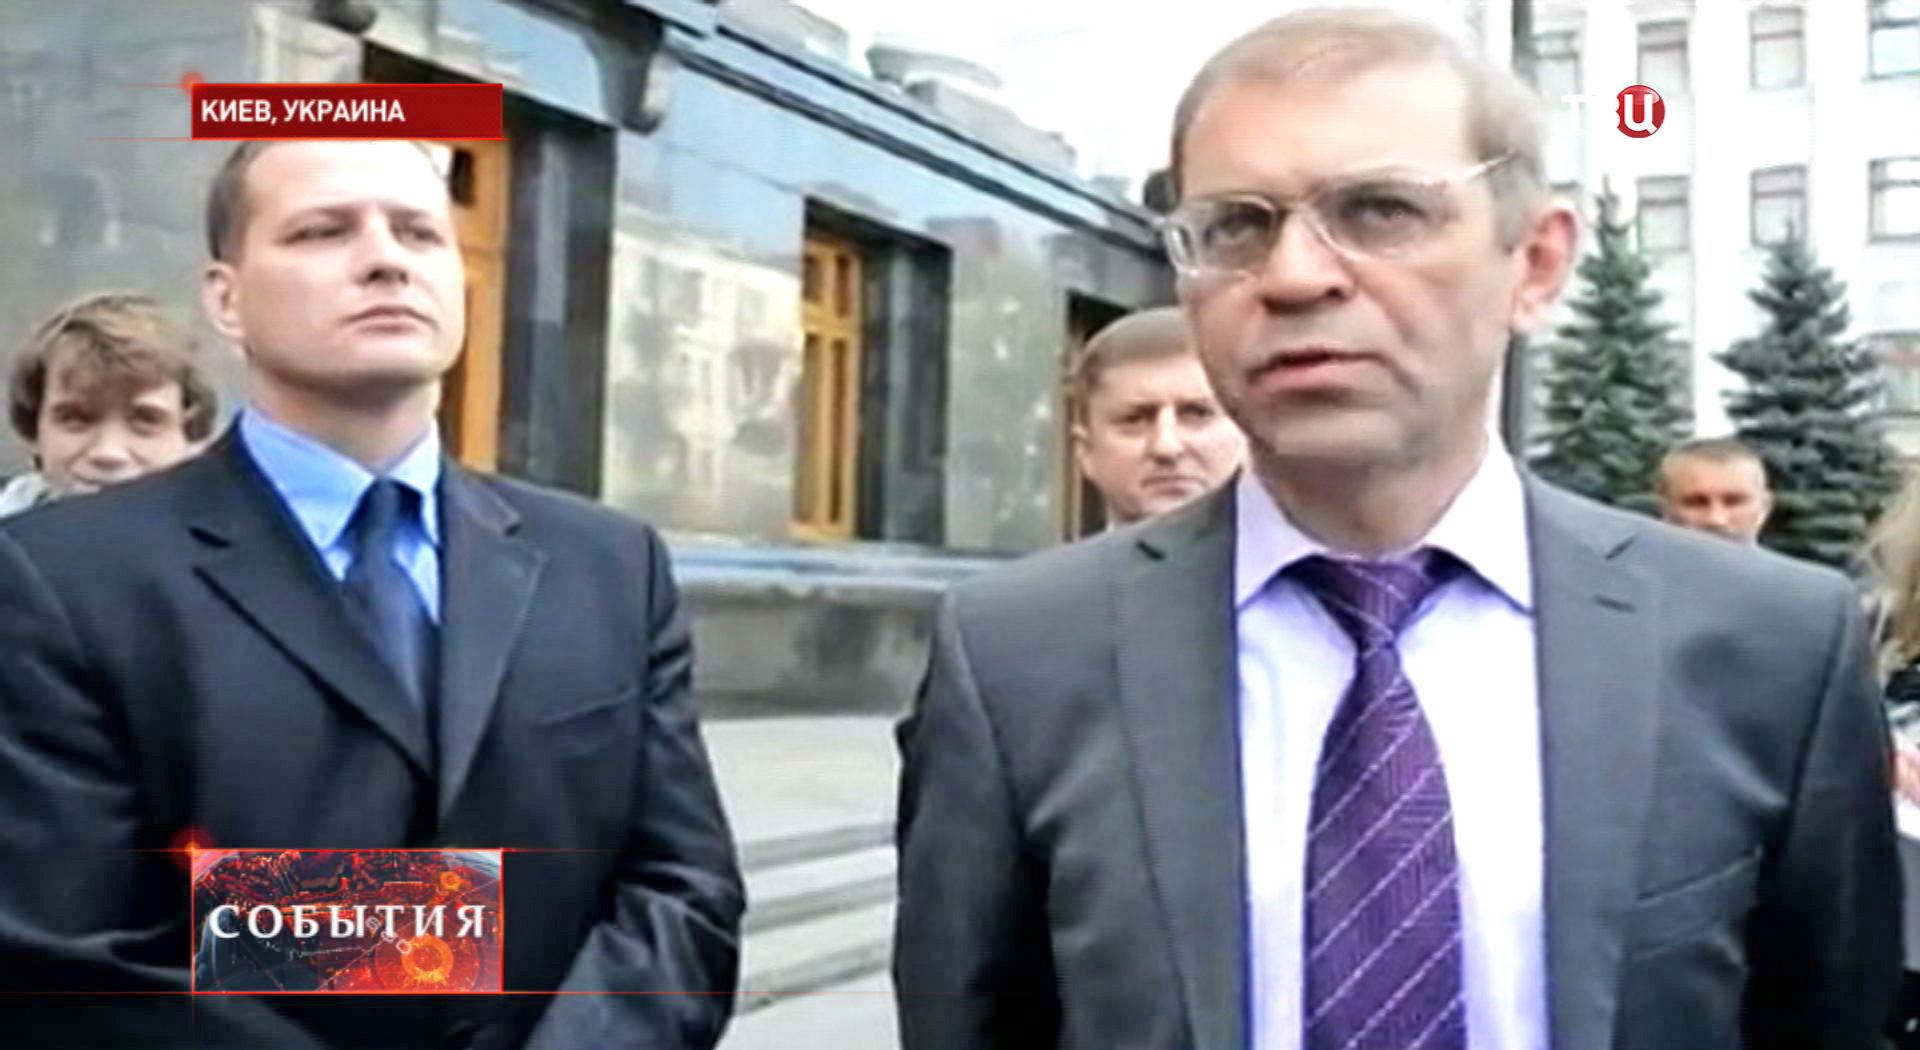 Глава администрации президента Украины Сергей Пашинский